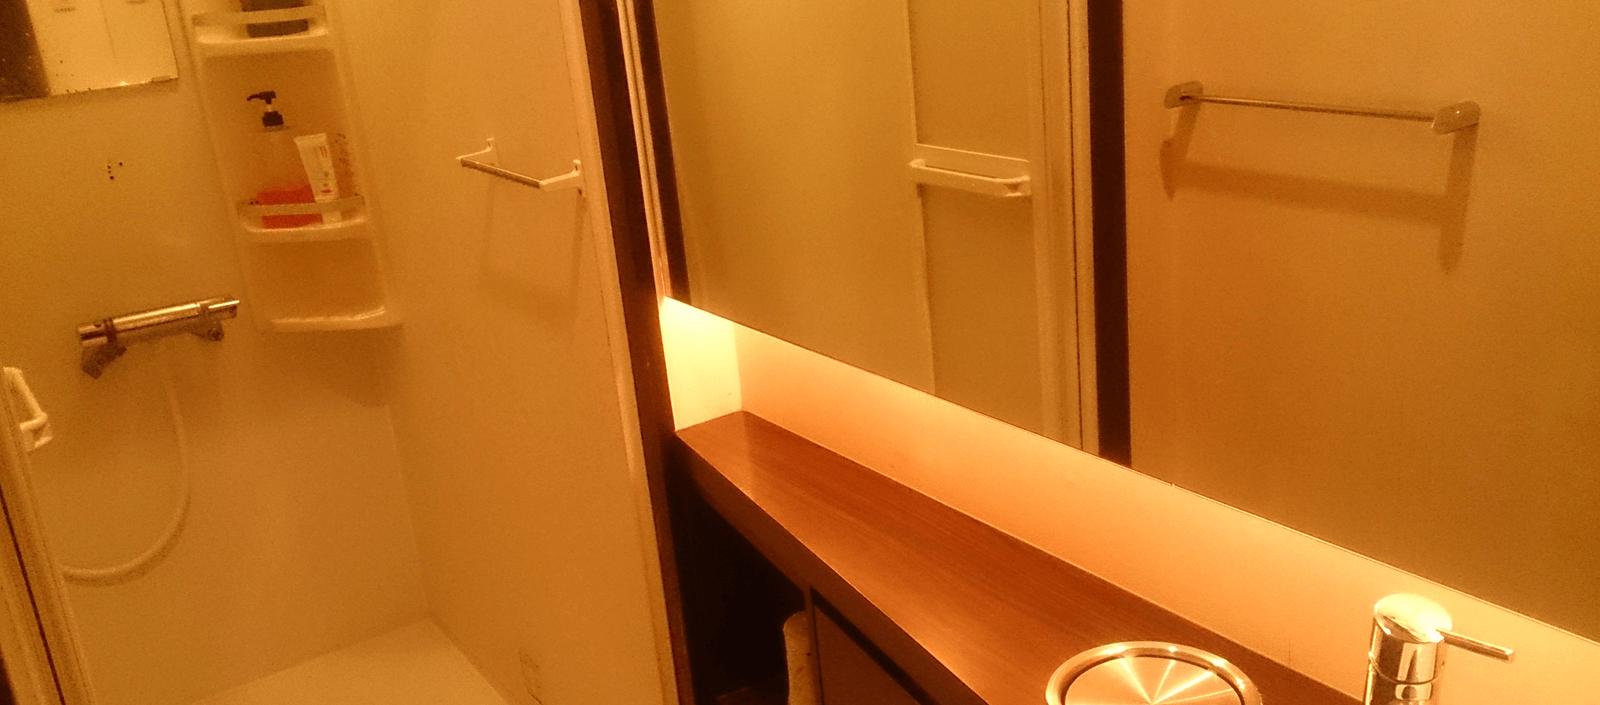 シャワールームはボディソープ・リンスインシャンプー・洗顔付き。大型の鏡とゴミ箱付きの棚もあるので身だしなみにも便利。